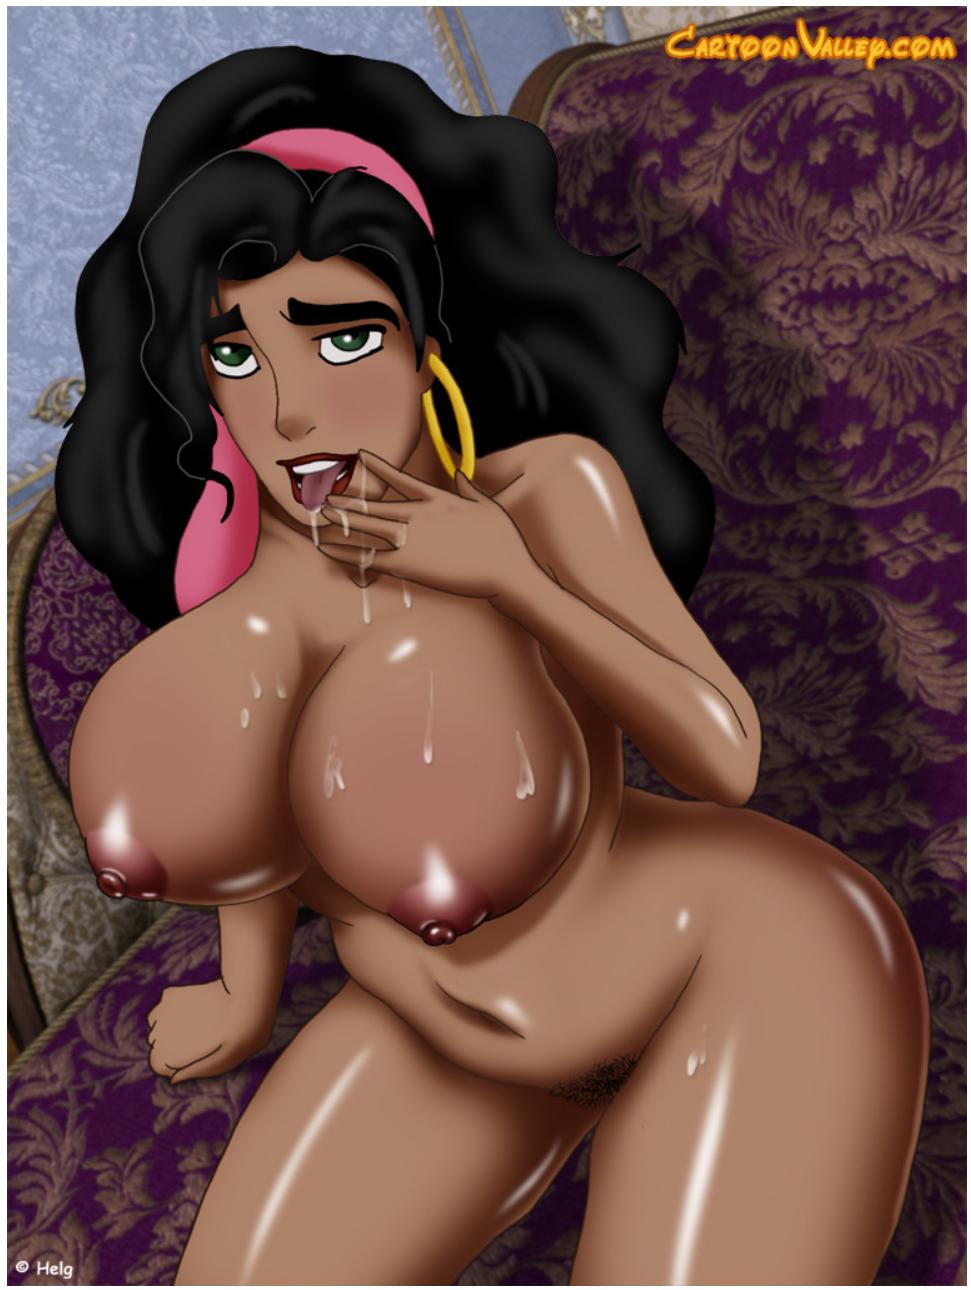 esmeralda-cartoon-valley-porn